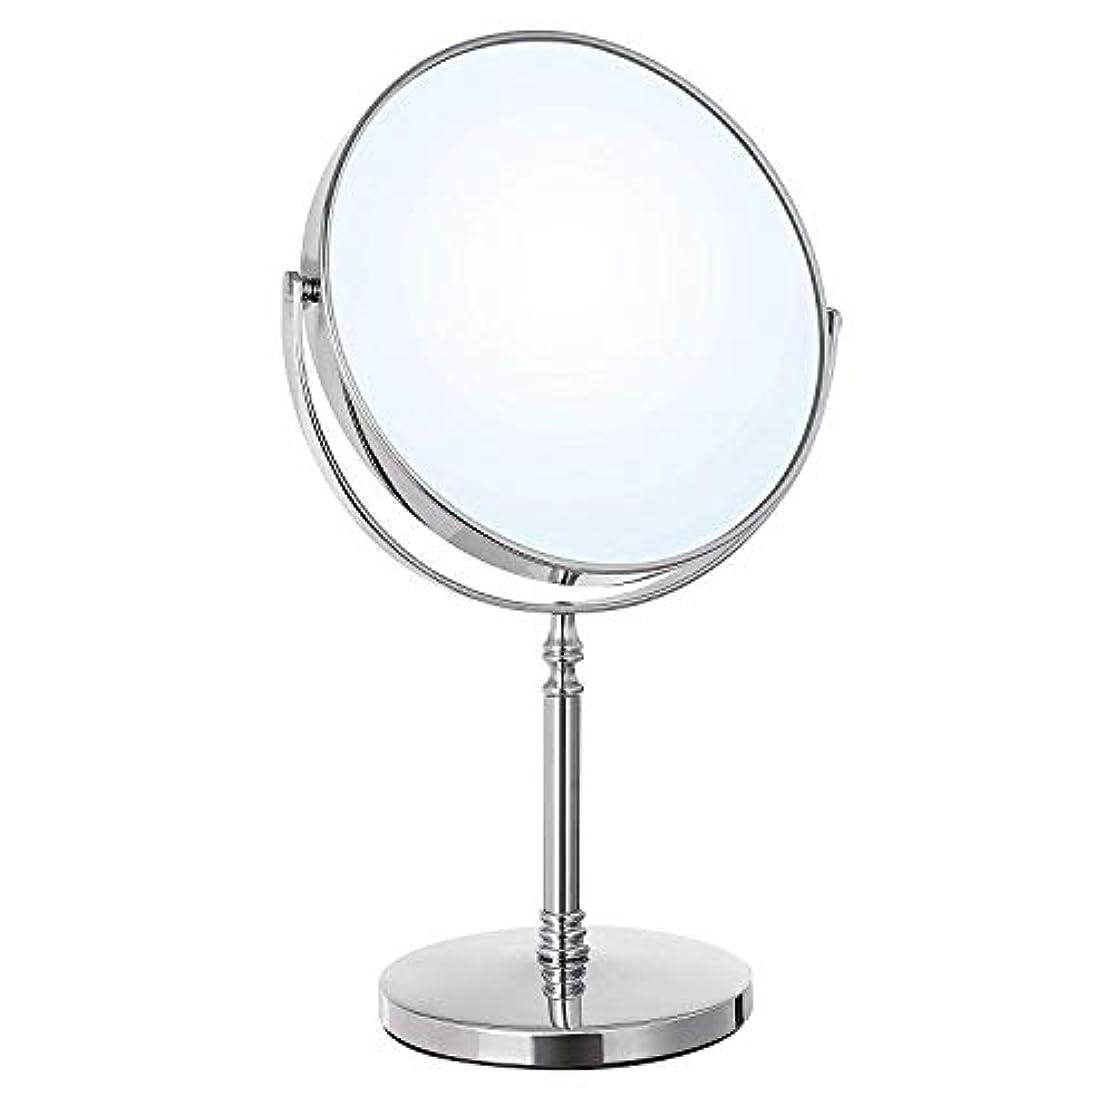 栄光バケット対応化粧ミラー 鏡 卓上 化粧鏡 両面鏡 3倍拡大鏡 360°回転 女優ミラー スタンド インテリアミラー 飛散防止 丸 光学レズン高解像度 ファッション シルバー (鏡面直径18cm)